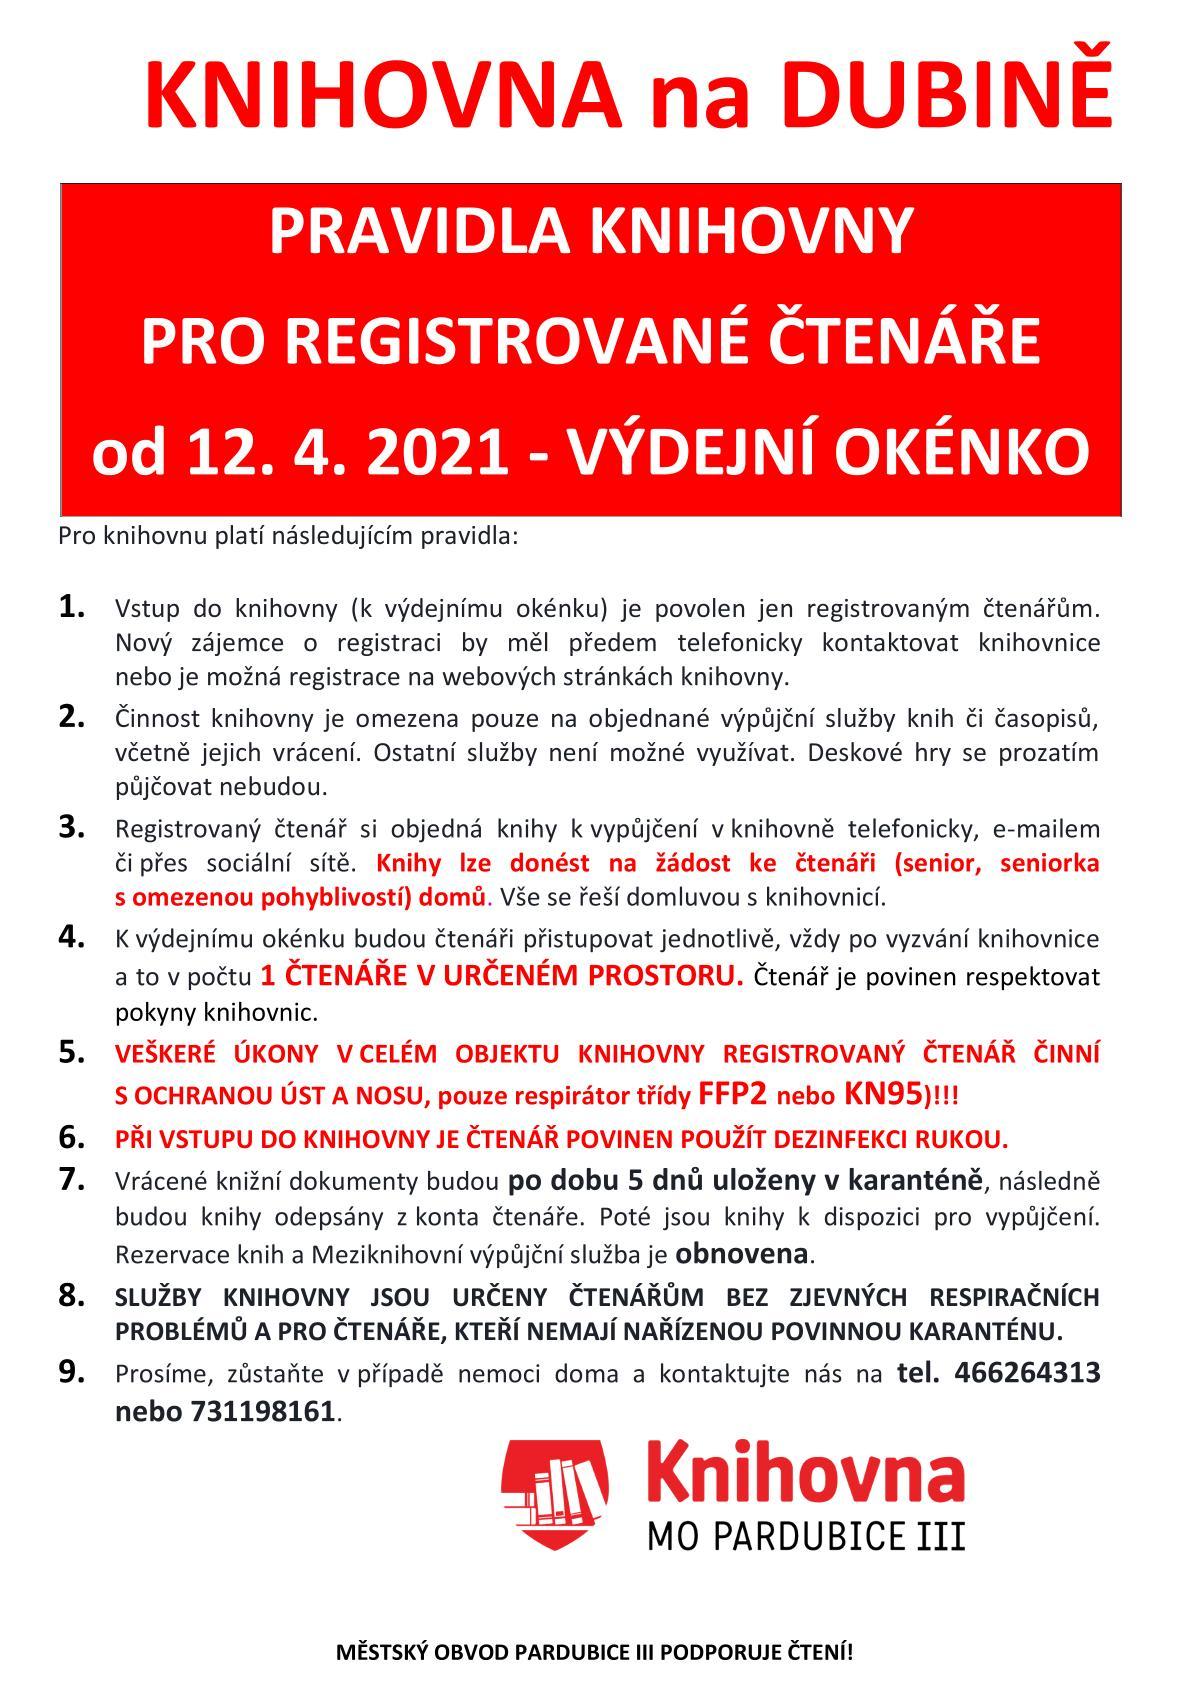 pravidla čtenáři okénko od 12.4.2021